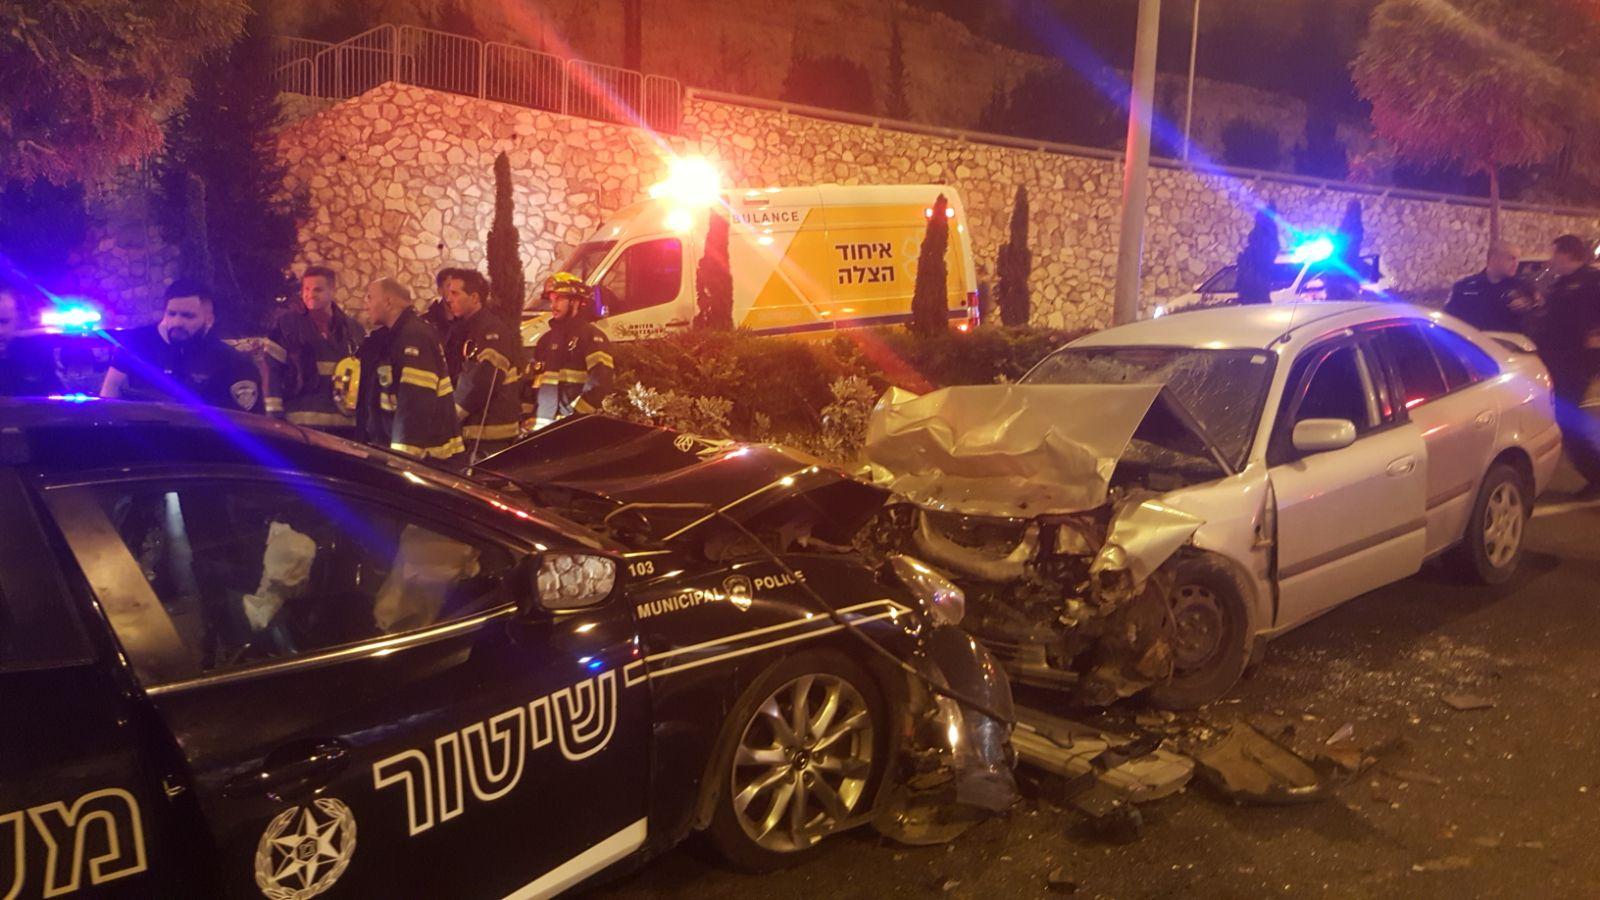 התאונה בכביש נחל גיבורים (צילום: דוברות איחוד הצלה כרמל)